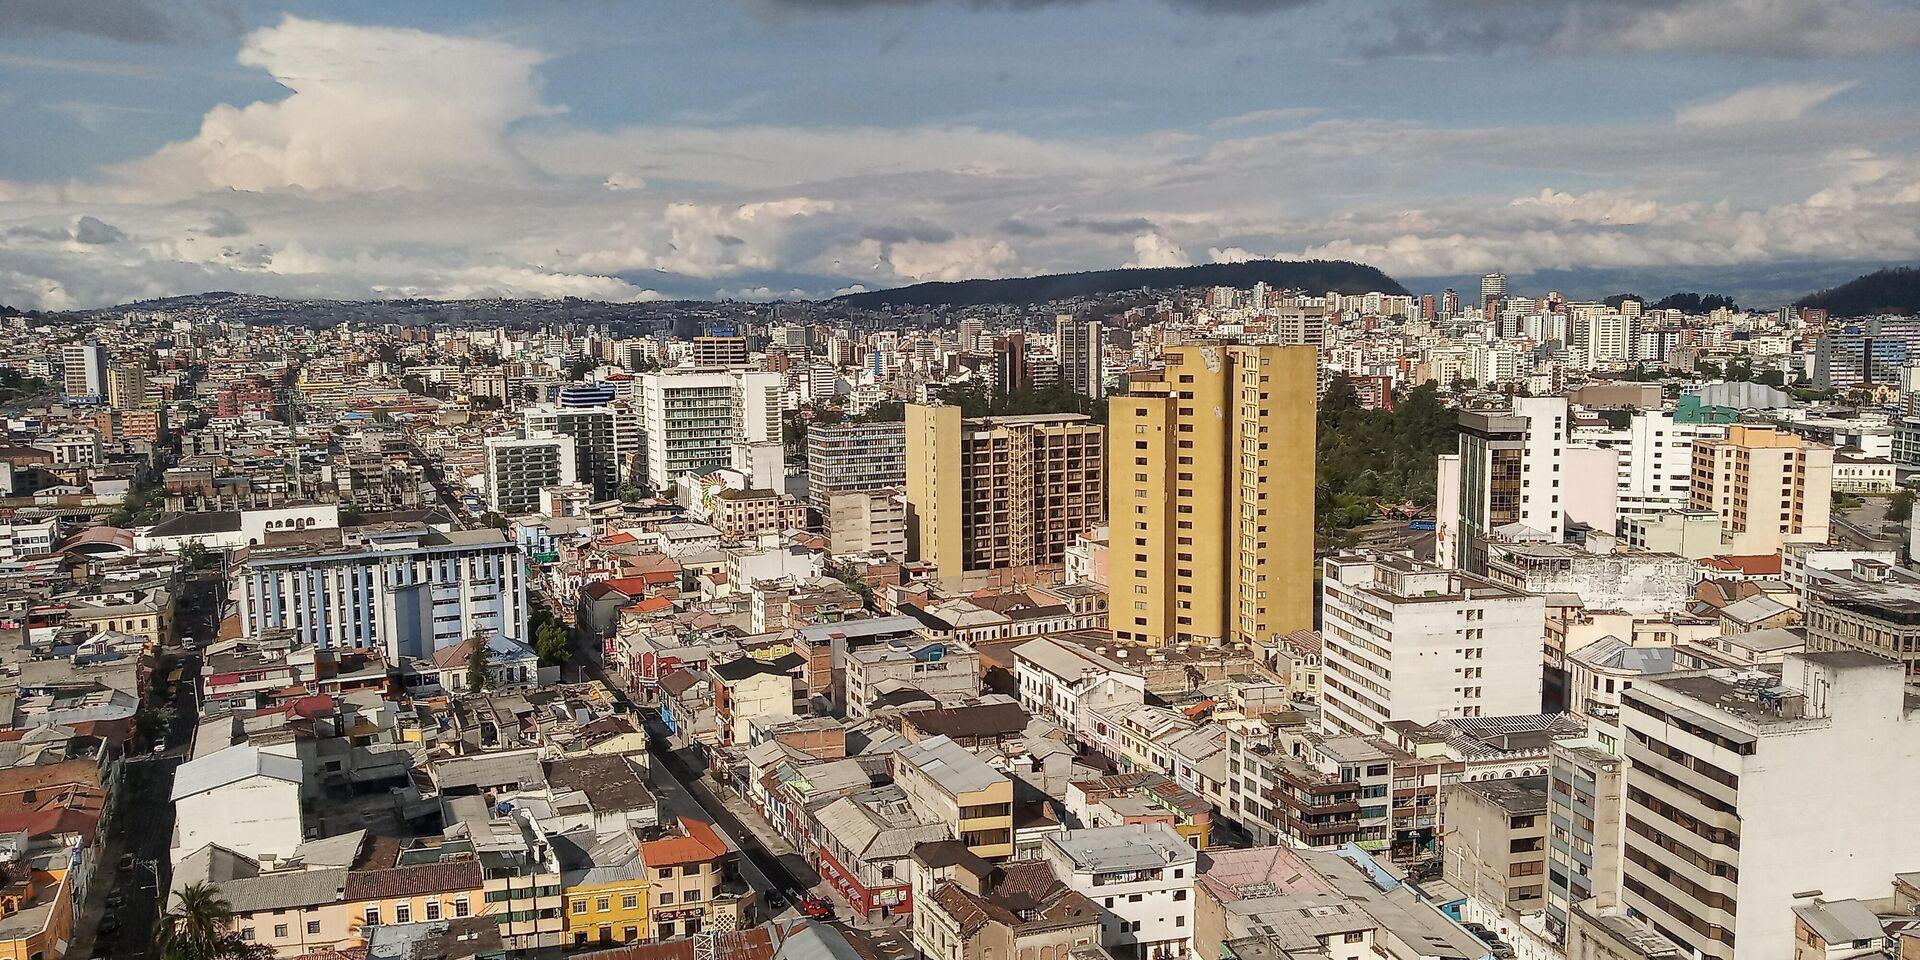 Vista sobre Quito desde la prefectura de Pichincha - Sputnik Mundo, 1920, 12.02.2021